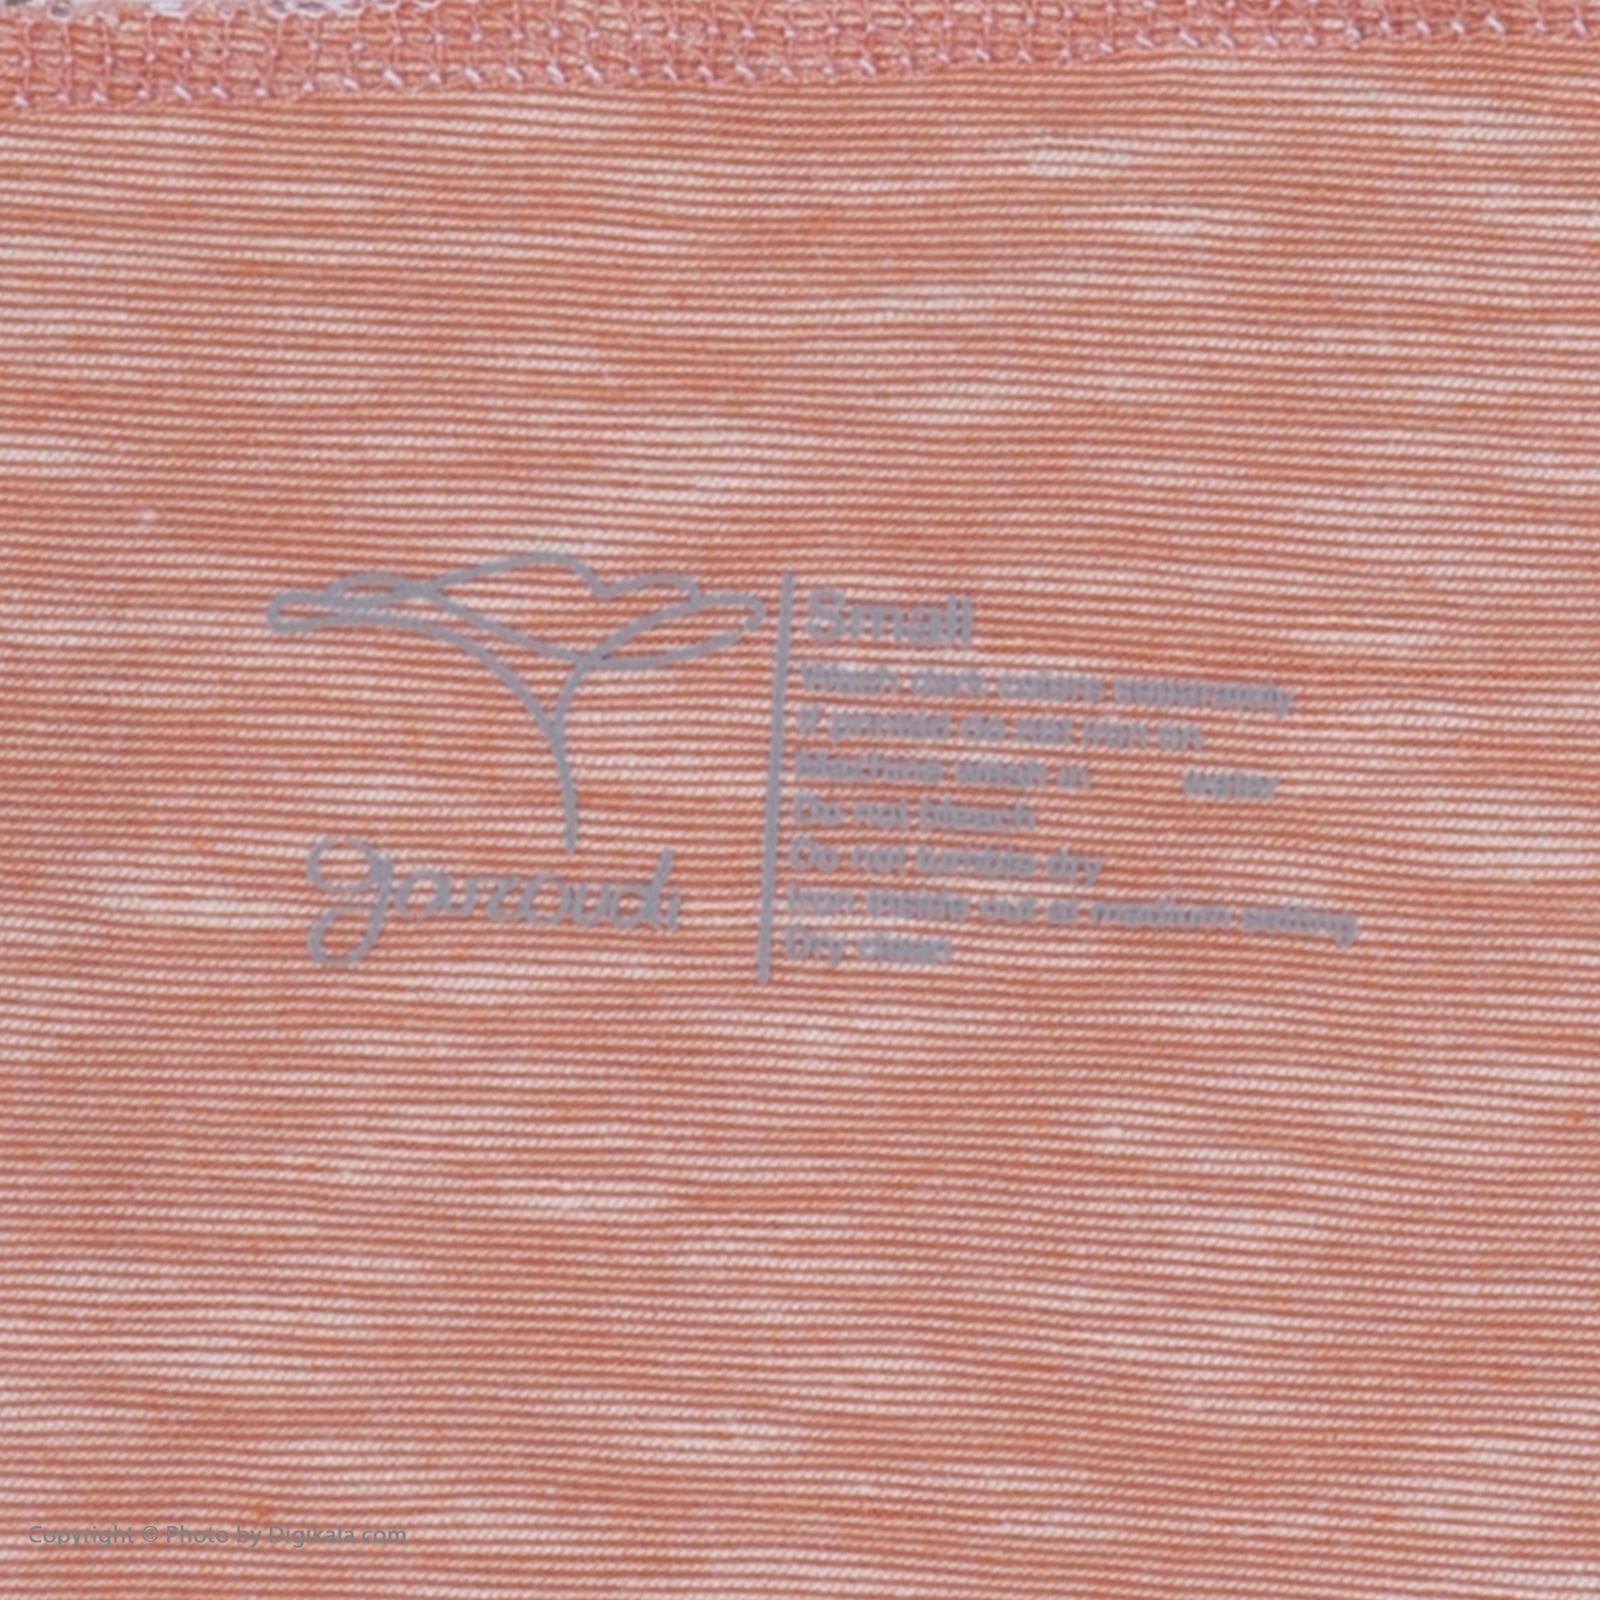 ست تاپ و شلوارک زنانه گارودی مدل 1110207355-25 -  - 6